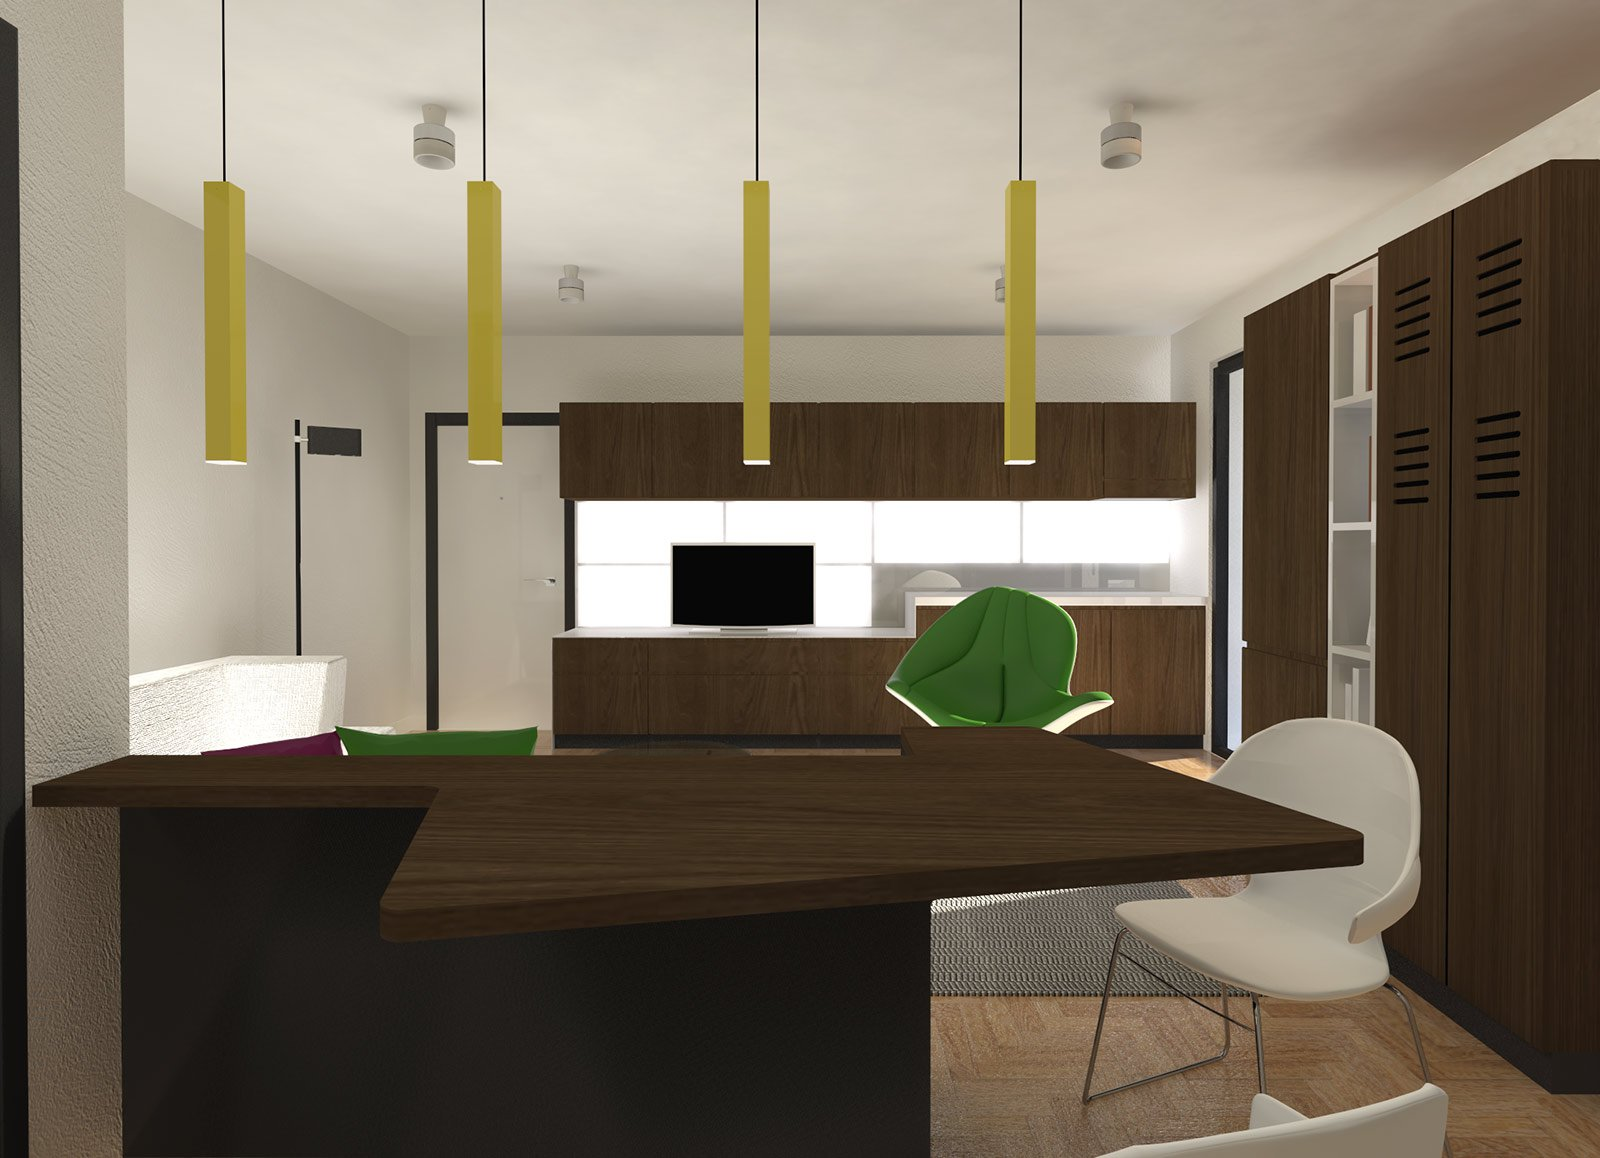 Progetto Di Un Living Con Cucina A Vista Invisibile Cose Di  #938438 1600 1158 Arredamento Con Cucina A Vista